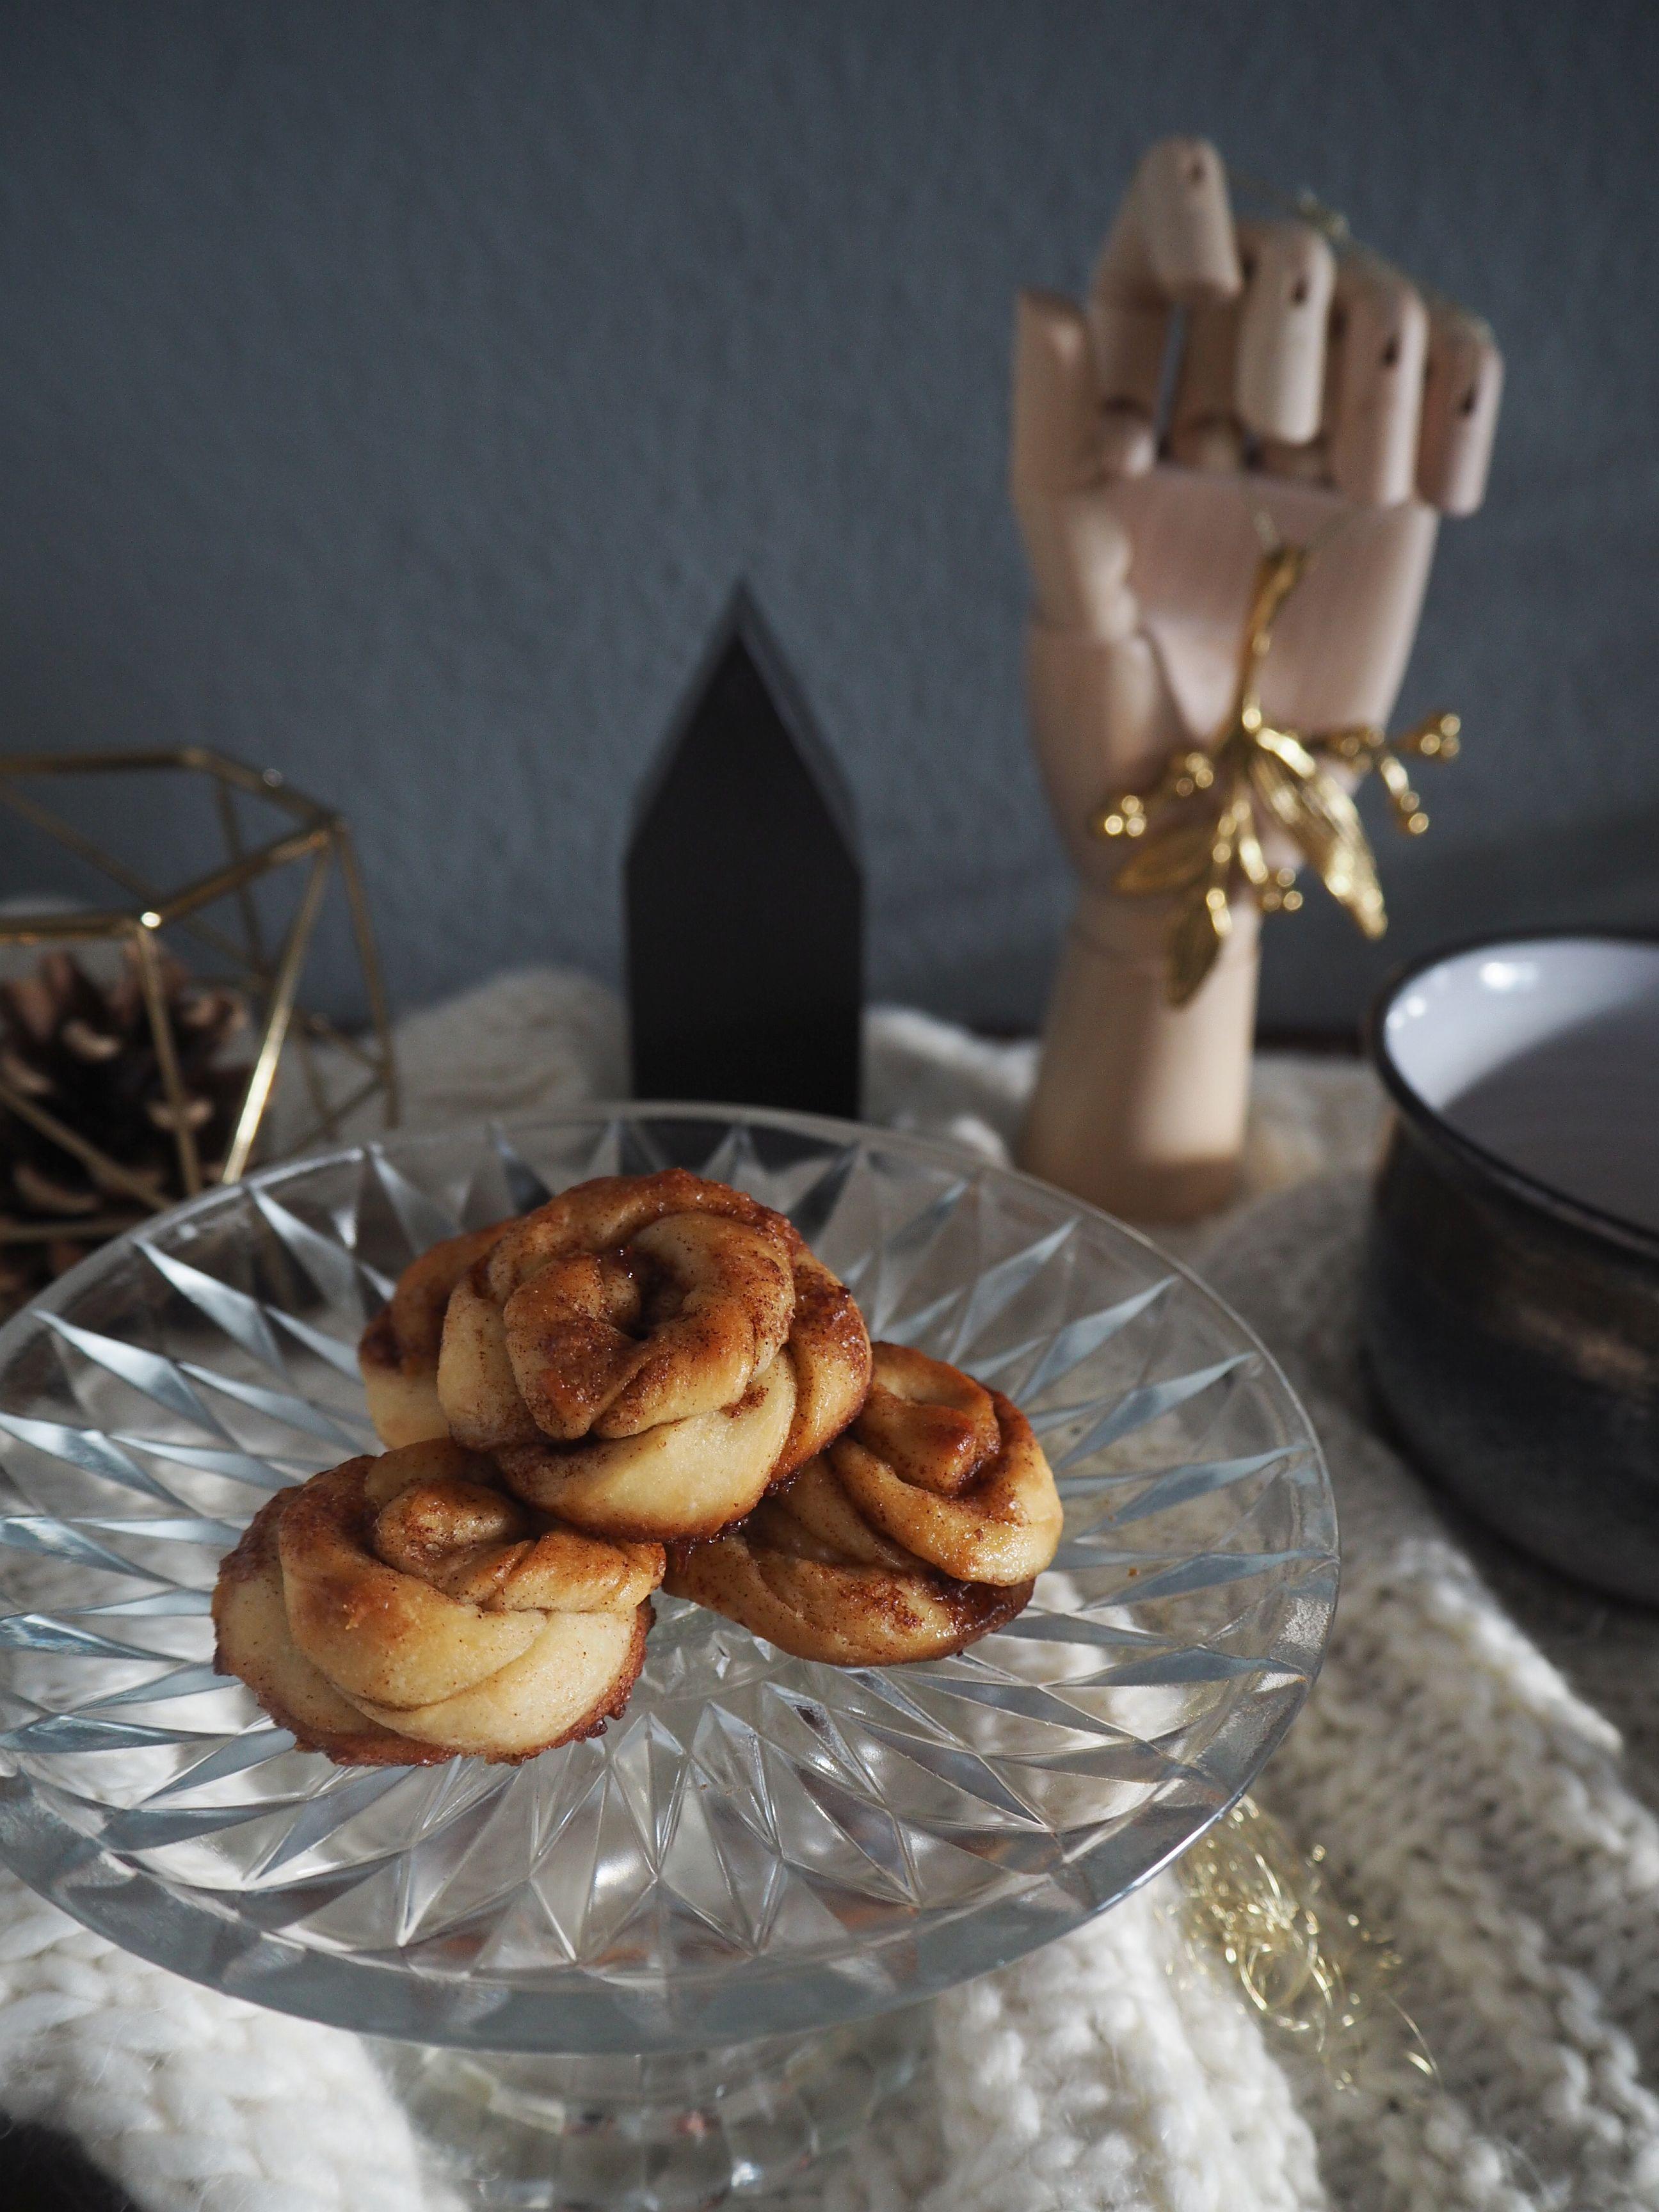 2017-12-skoen-och-kreativ-adventskalender-cookie-cake-love-mini-kanelbullar (7)